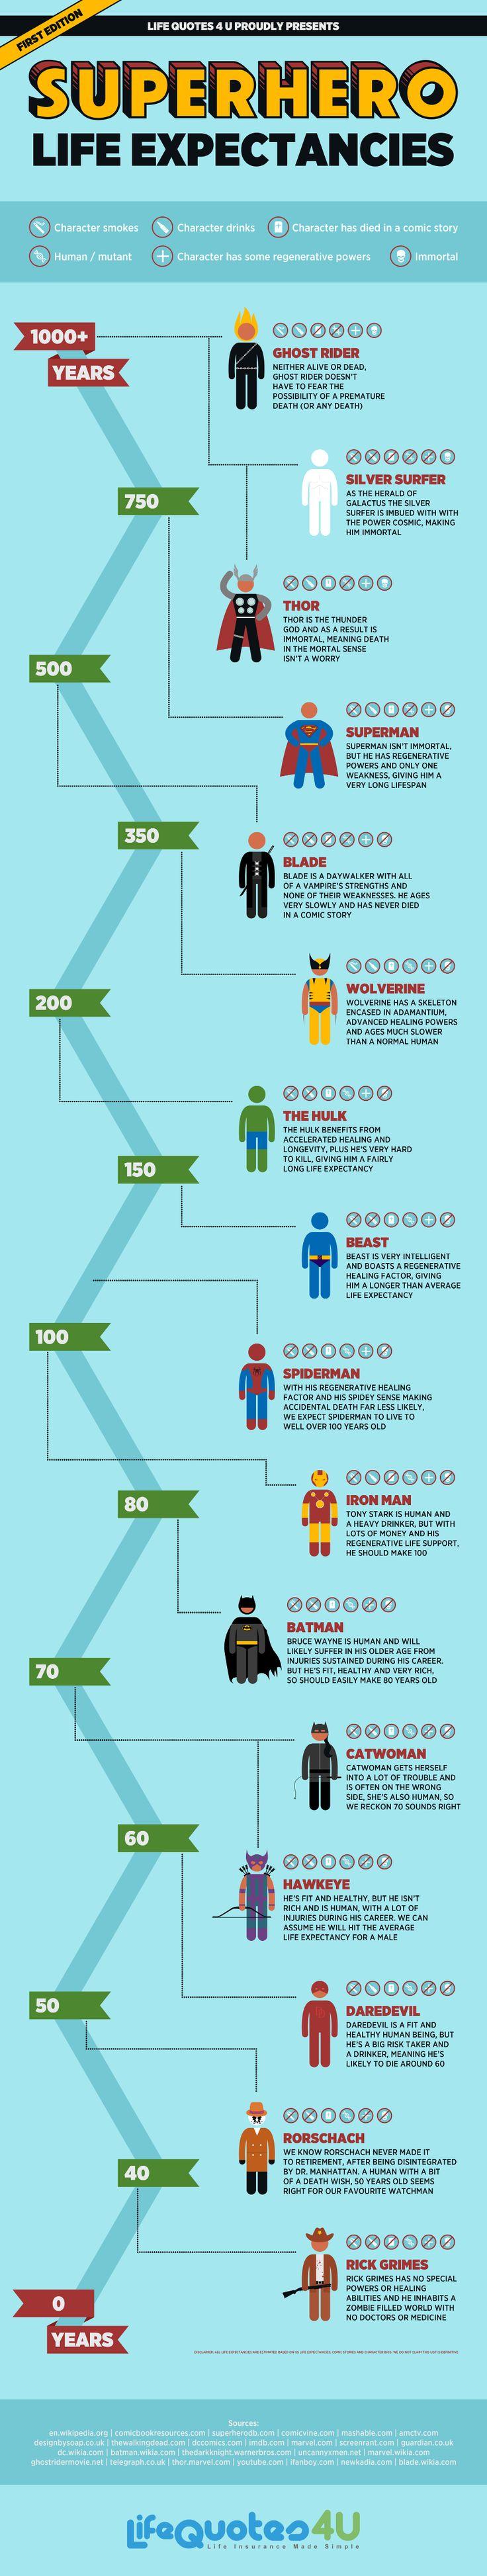 Expectativa de vida dos Super-Heróis | Assuntos Criativos